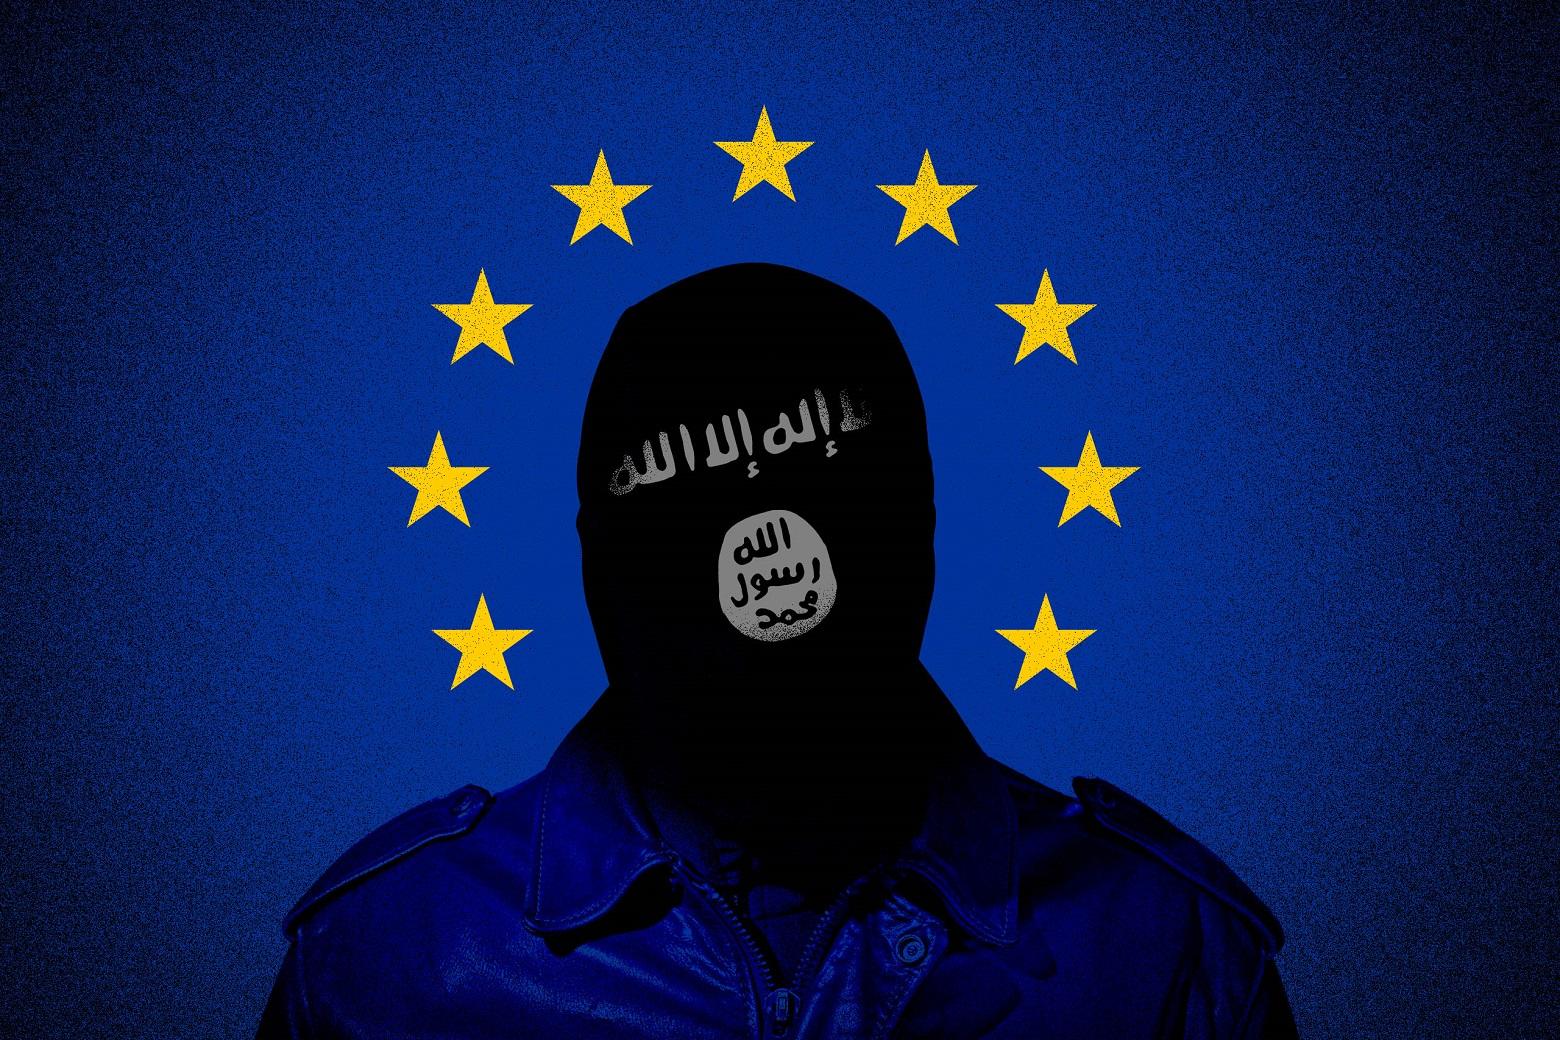 داعش و ترقهبازیهایی که رو به پایان است/ داعشی که برای ماندن ساخته نشده است